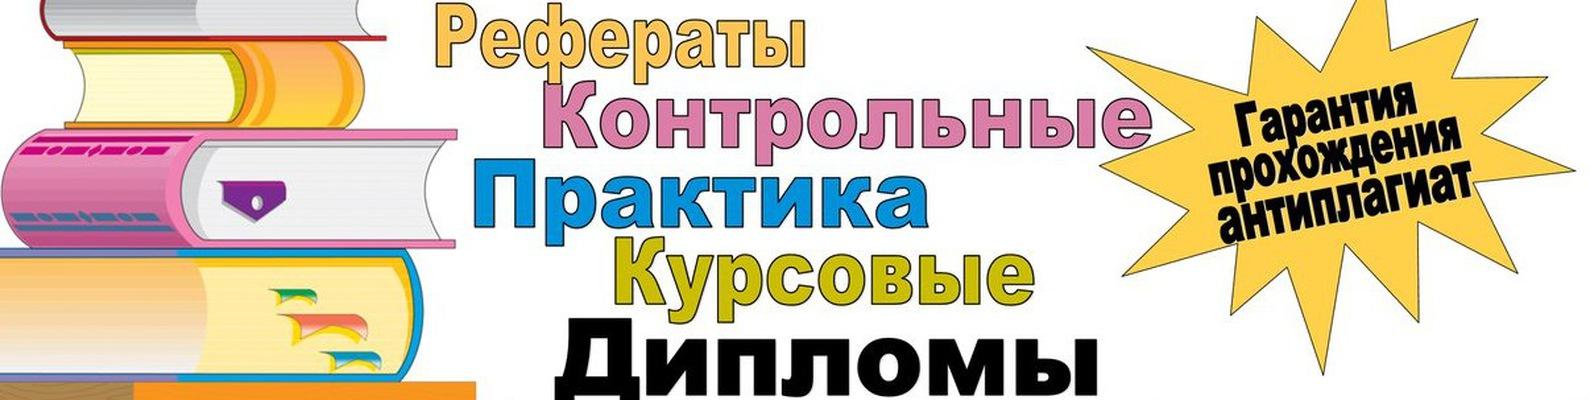 ЗАГОЛОВКИ-ОДНОСОСТАВНЫЕ ПРЕДЛОЖЕНИЯ В ГАЗЕТЕ ДИПЛОМНЫЕ И КУРСОВЫЕ РАБОТЫ СКАЧАТЬ БЕСПЛАТНО